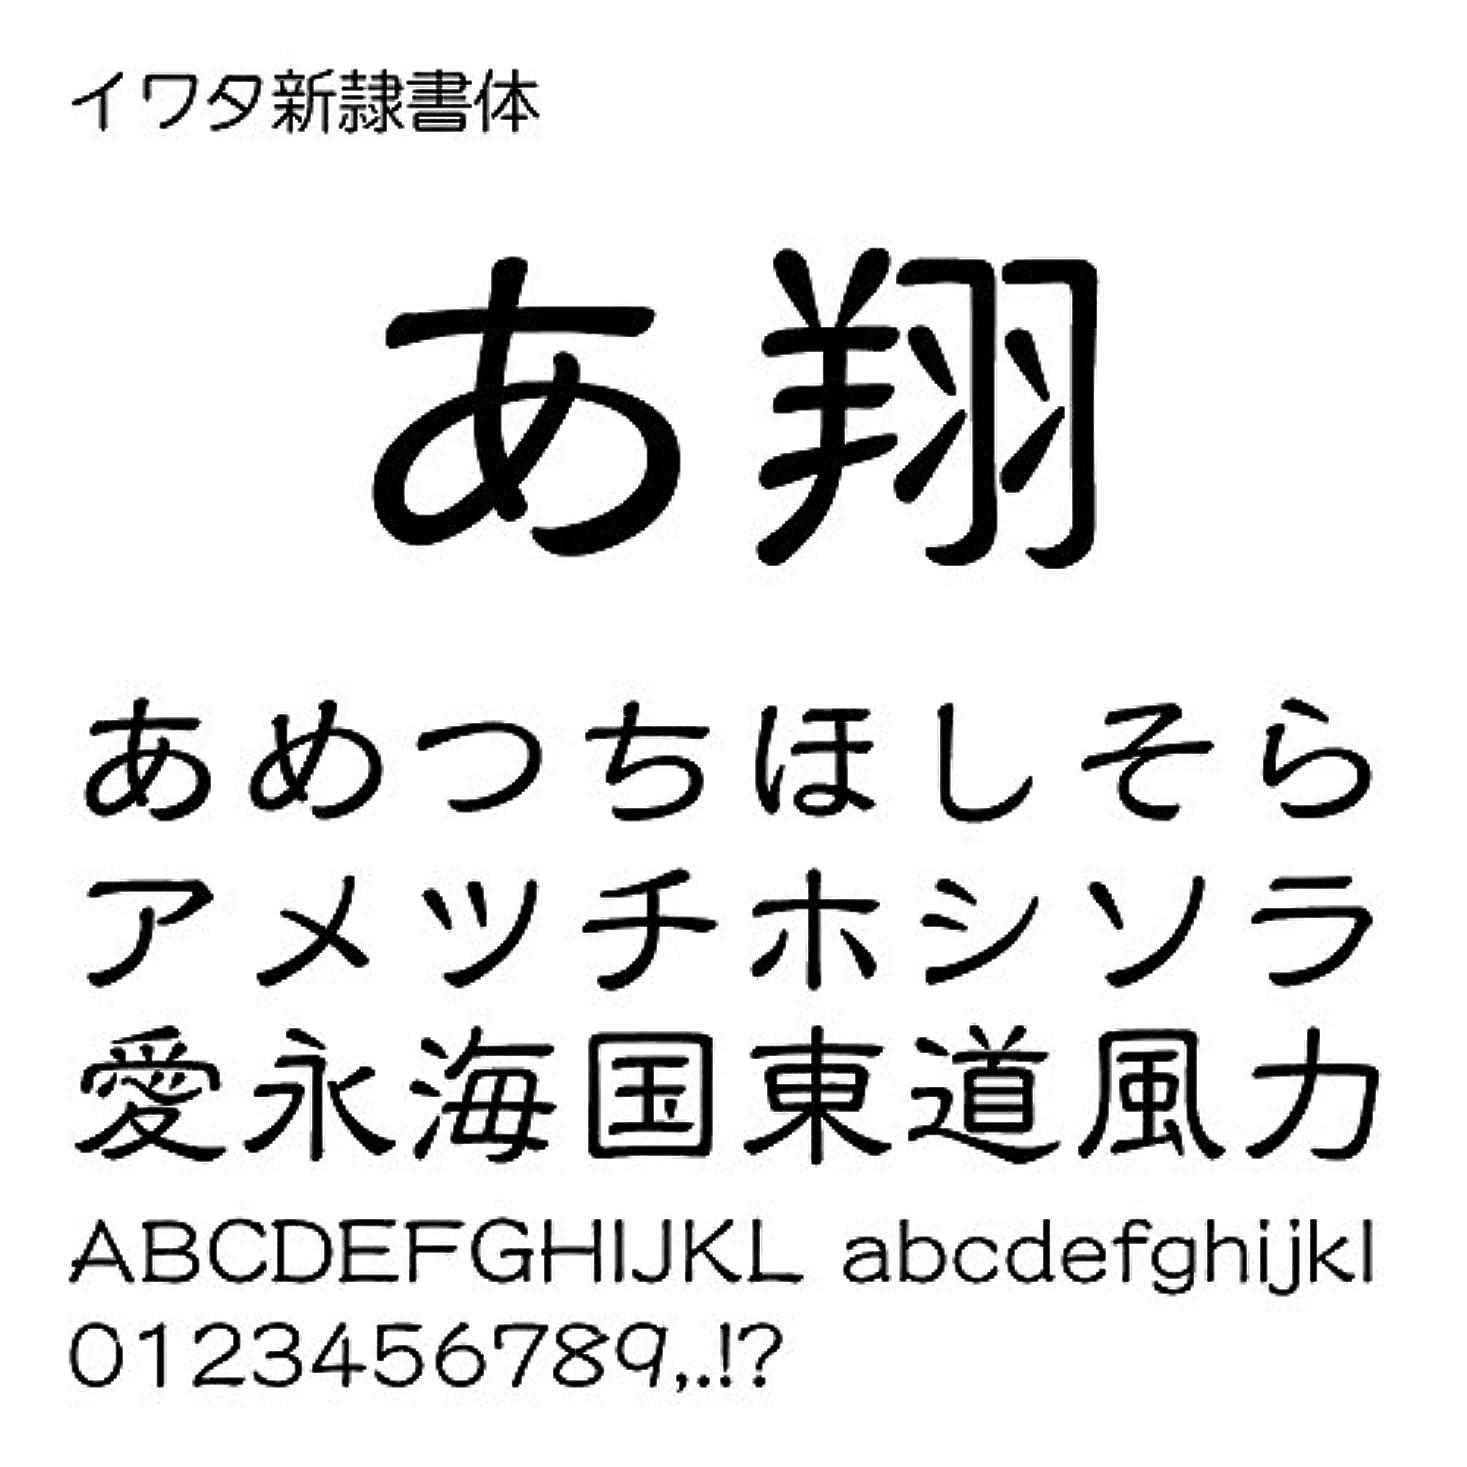 太陽超高層ビルカエルイワタ新隷書体Pro OpenType Font for Windows [ダウンロード]